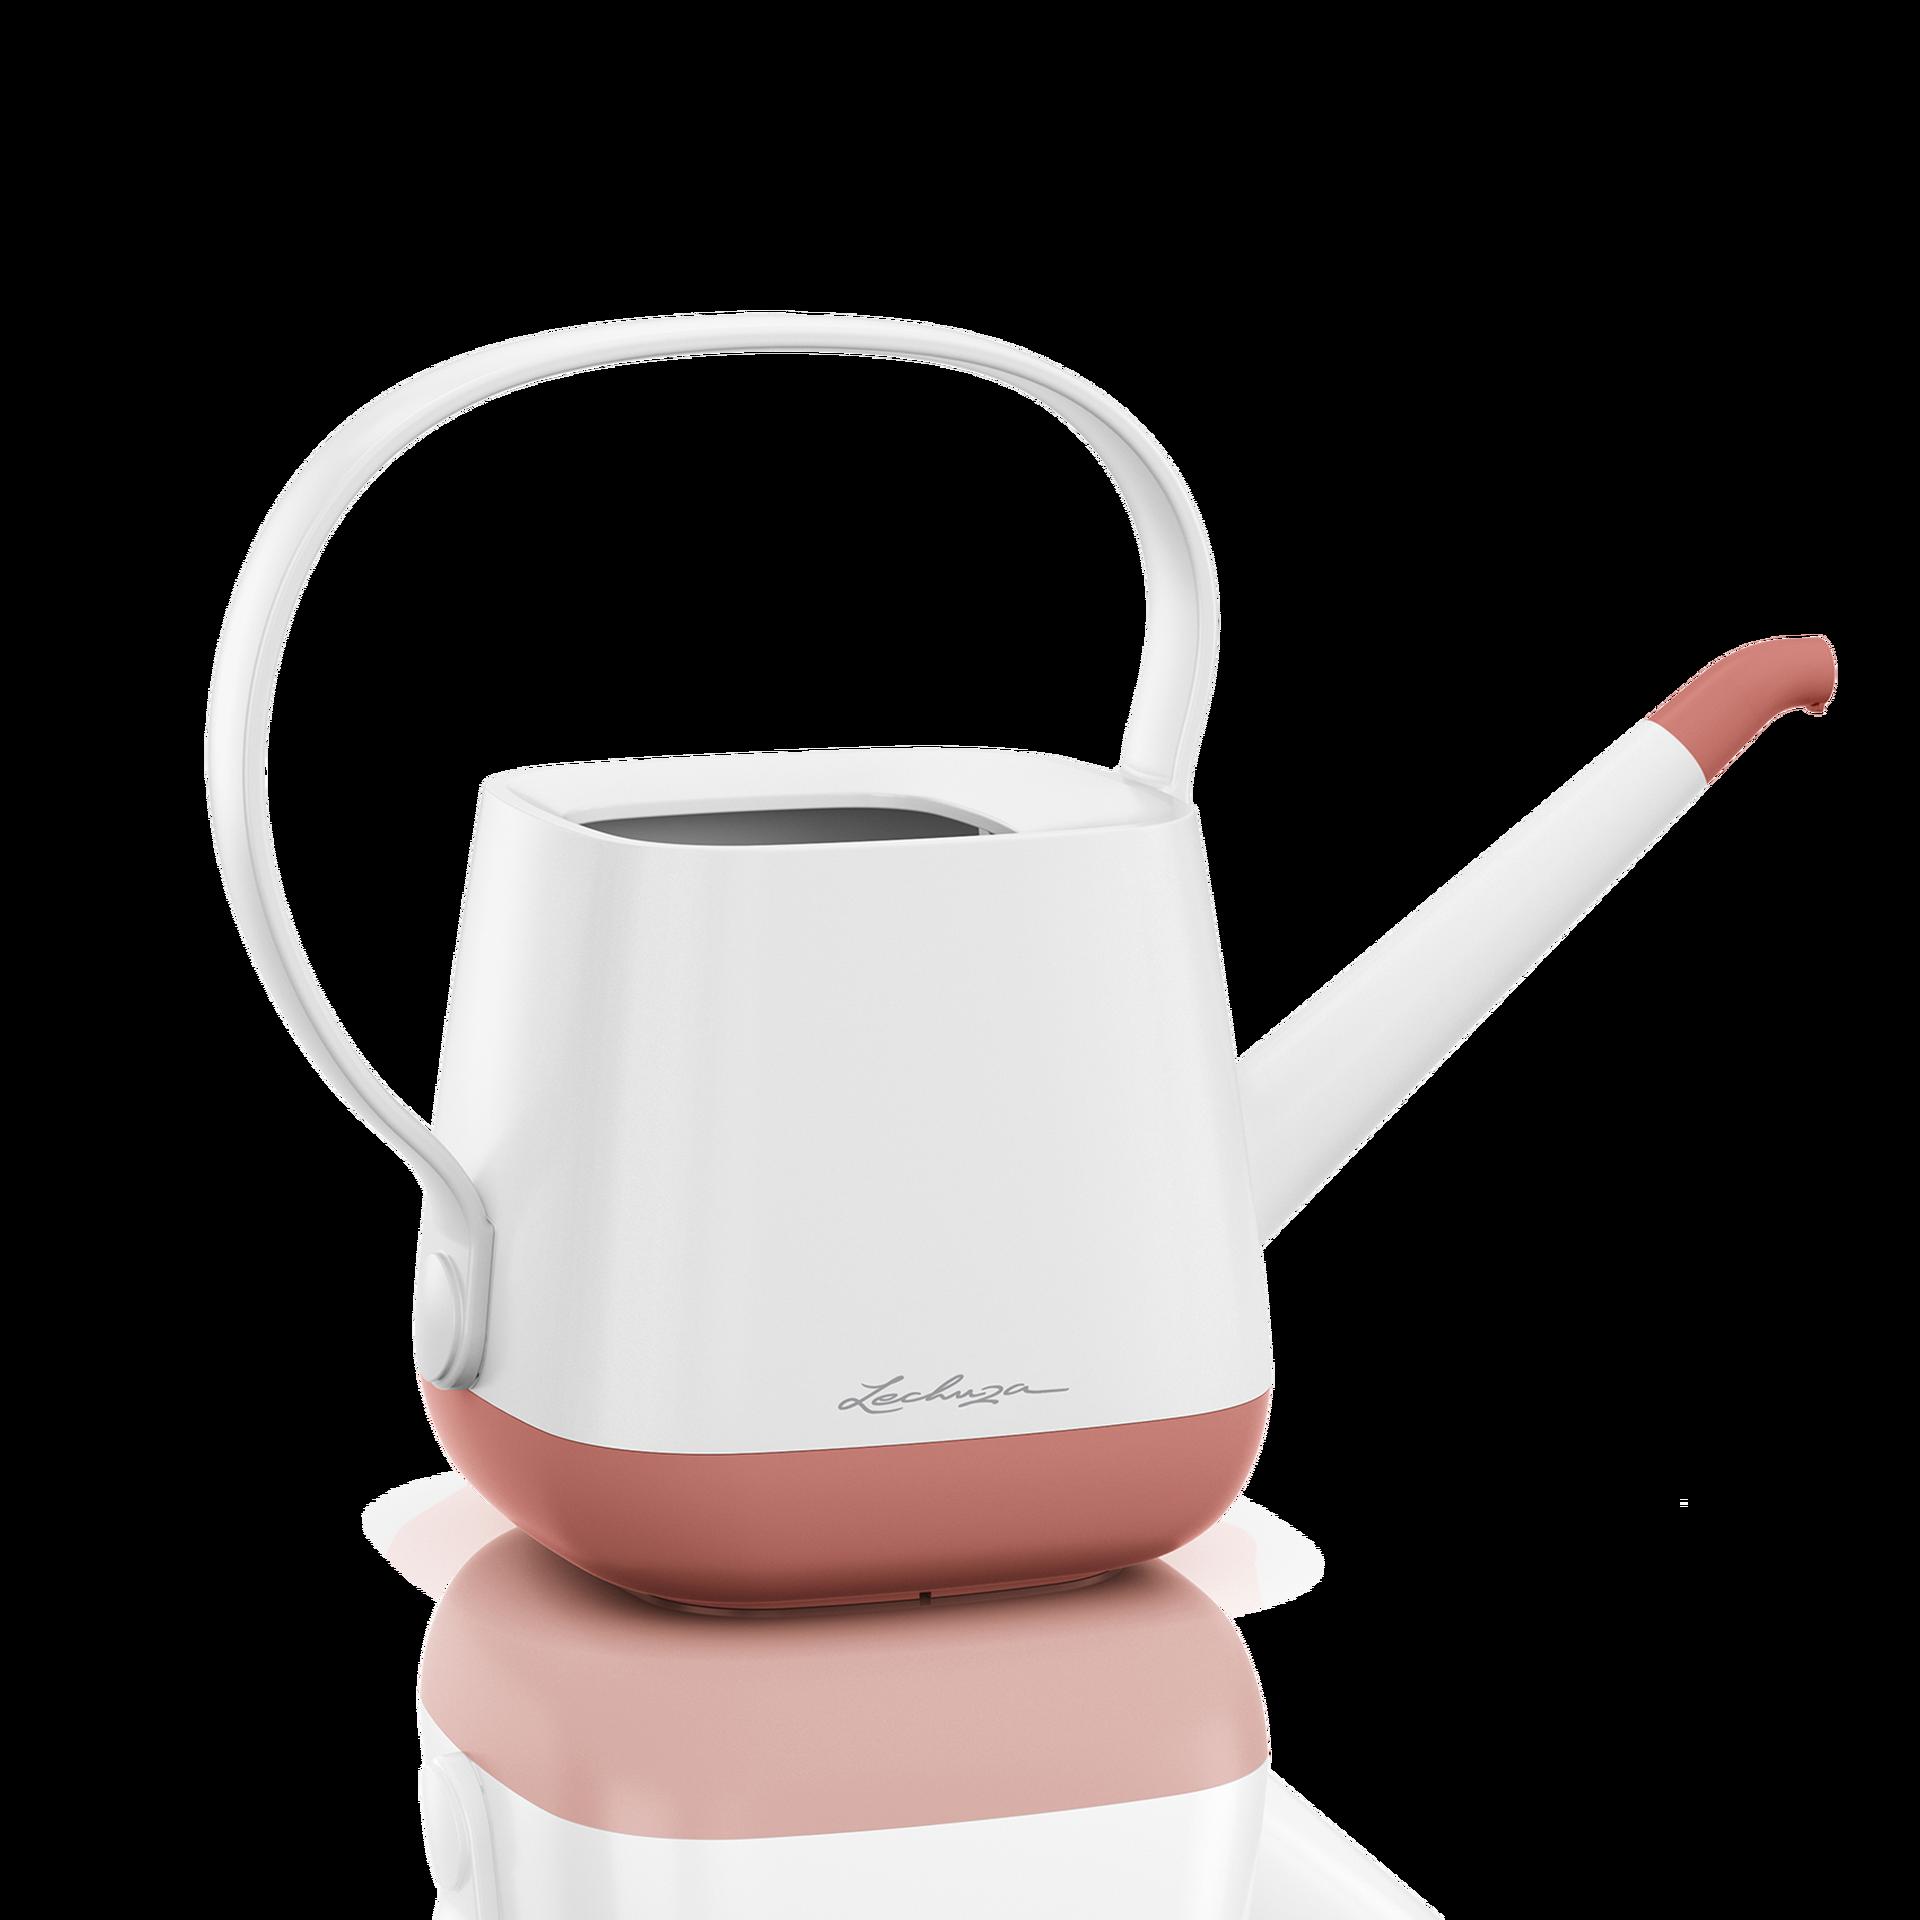 Ποτιστήρι YULA white/pearl rose σατινέ ματ